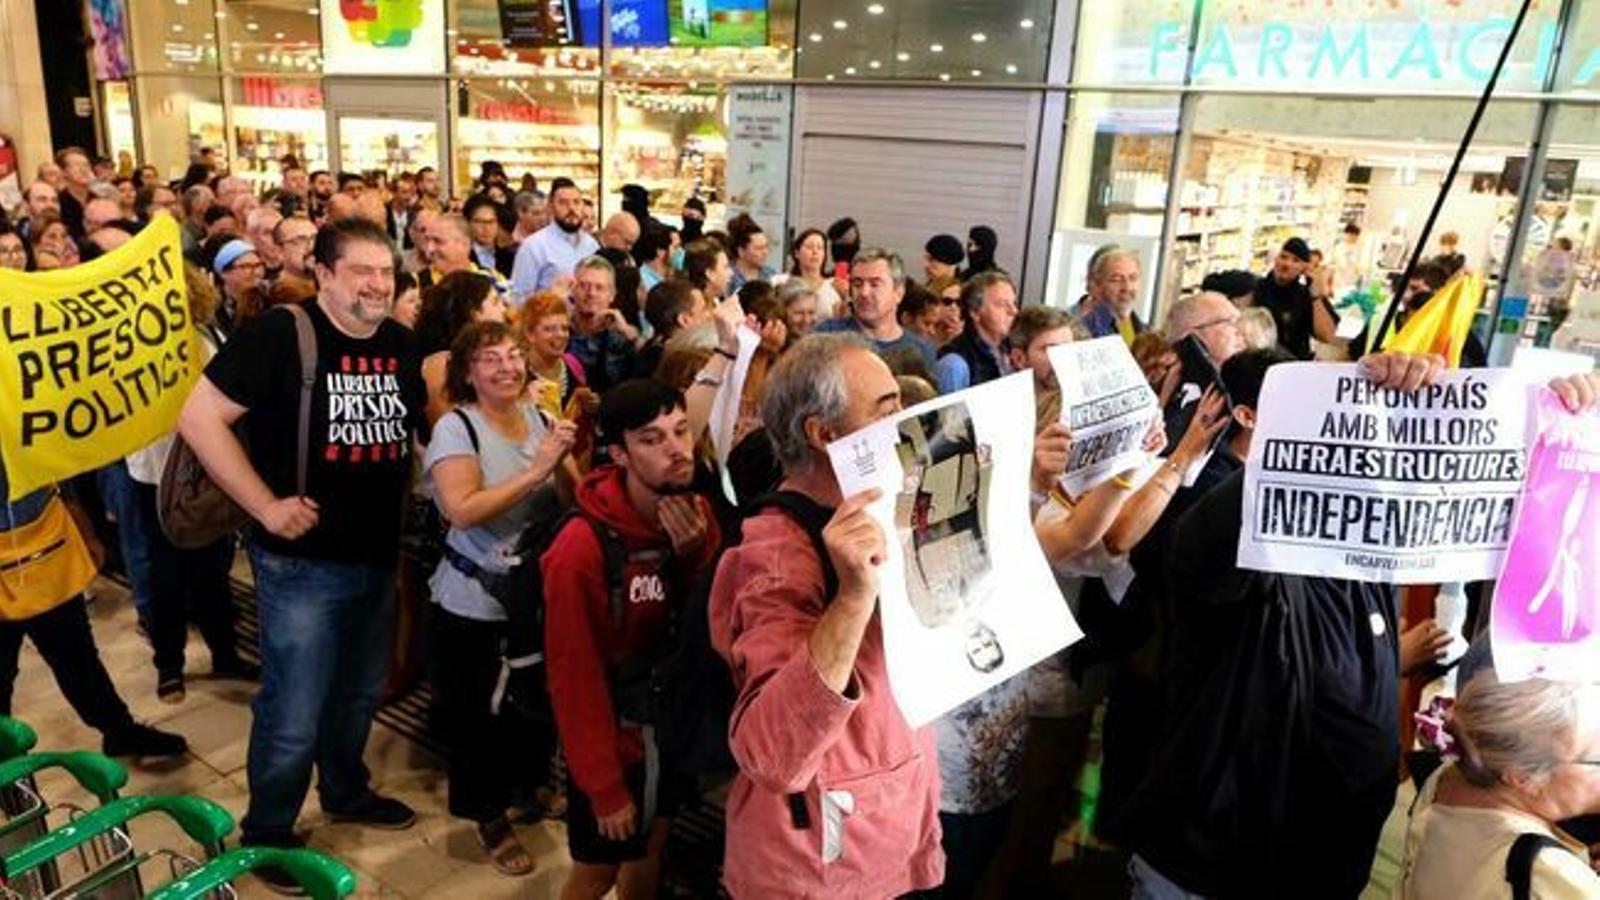 Primera acció abans de la sentència: centenars de persones es manifesten a Sants i recorren el centre de Barcelona